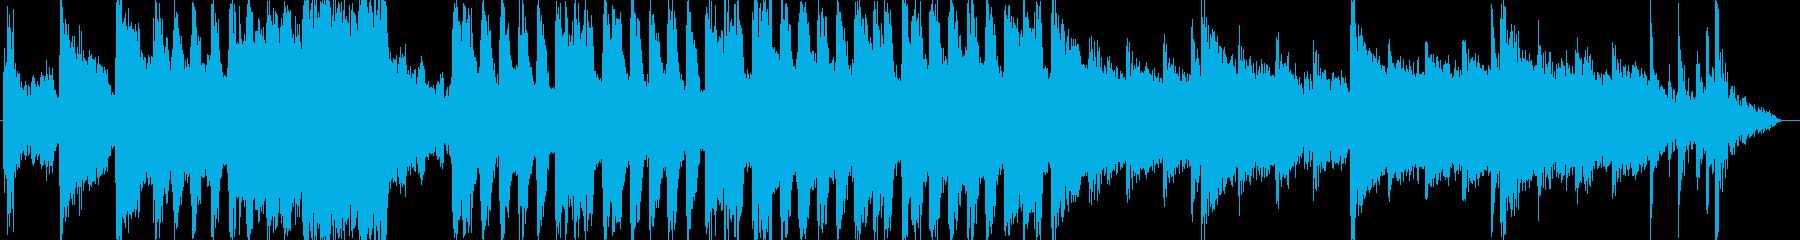 琴笛の和風ループ音源アップテンポの再生済みの波形